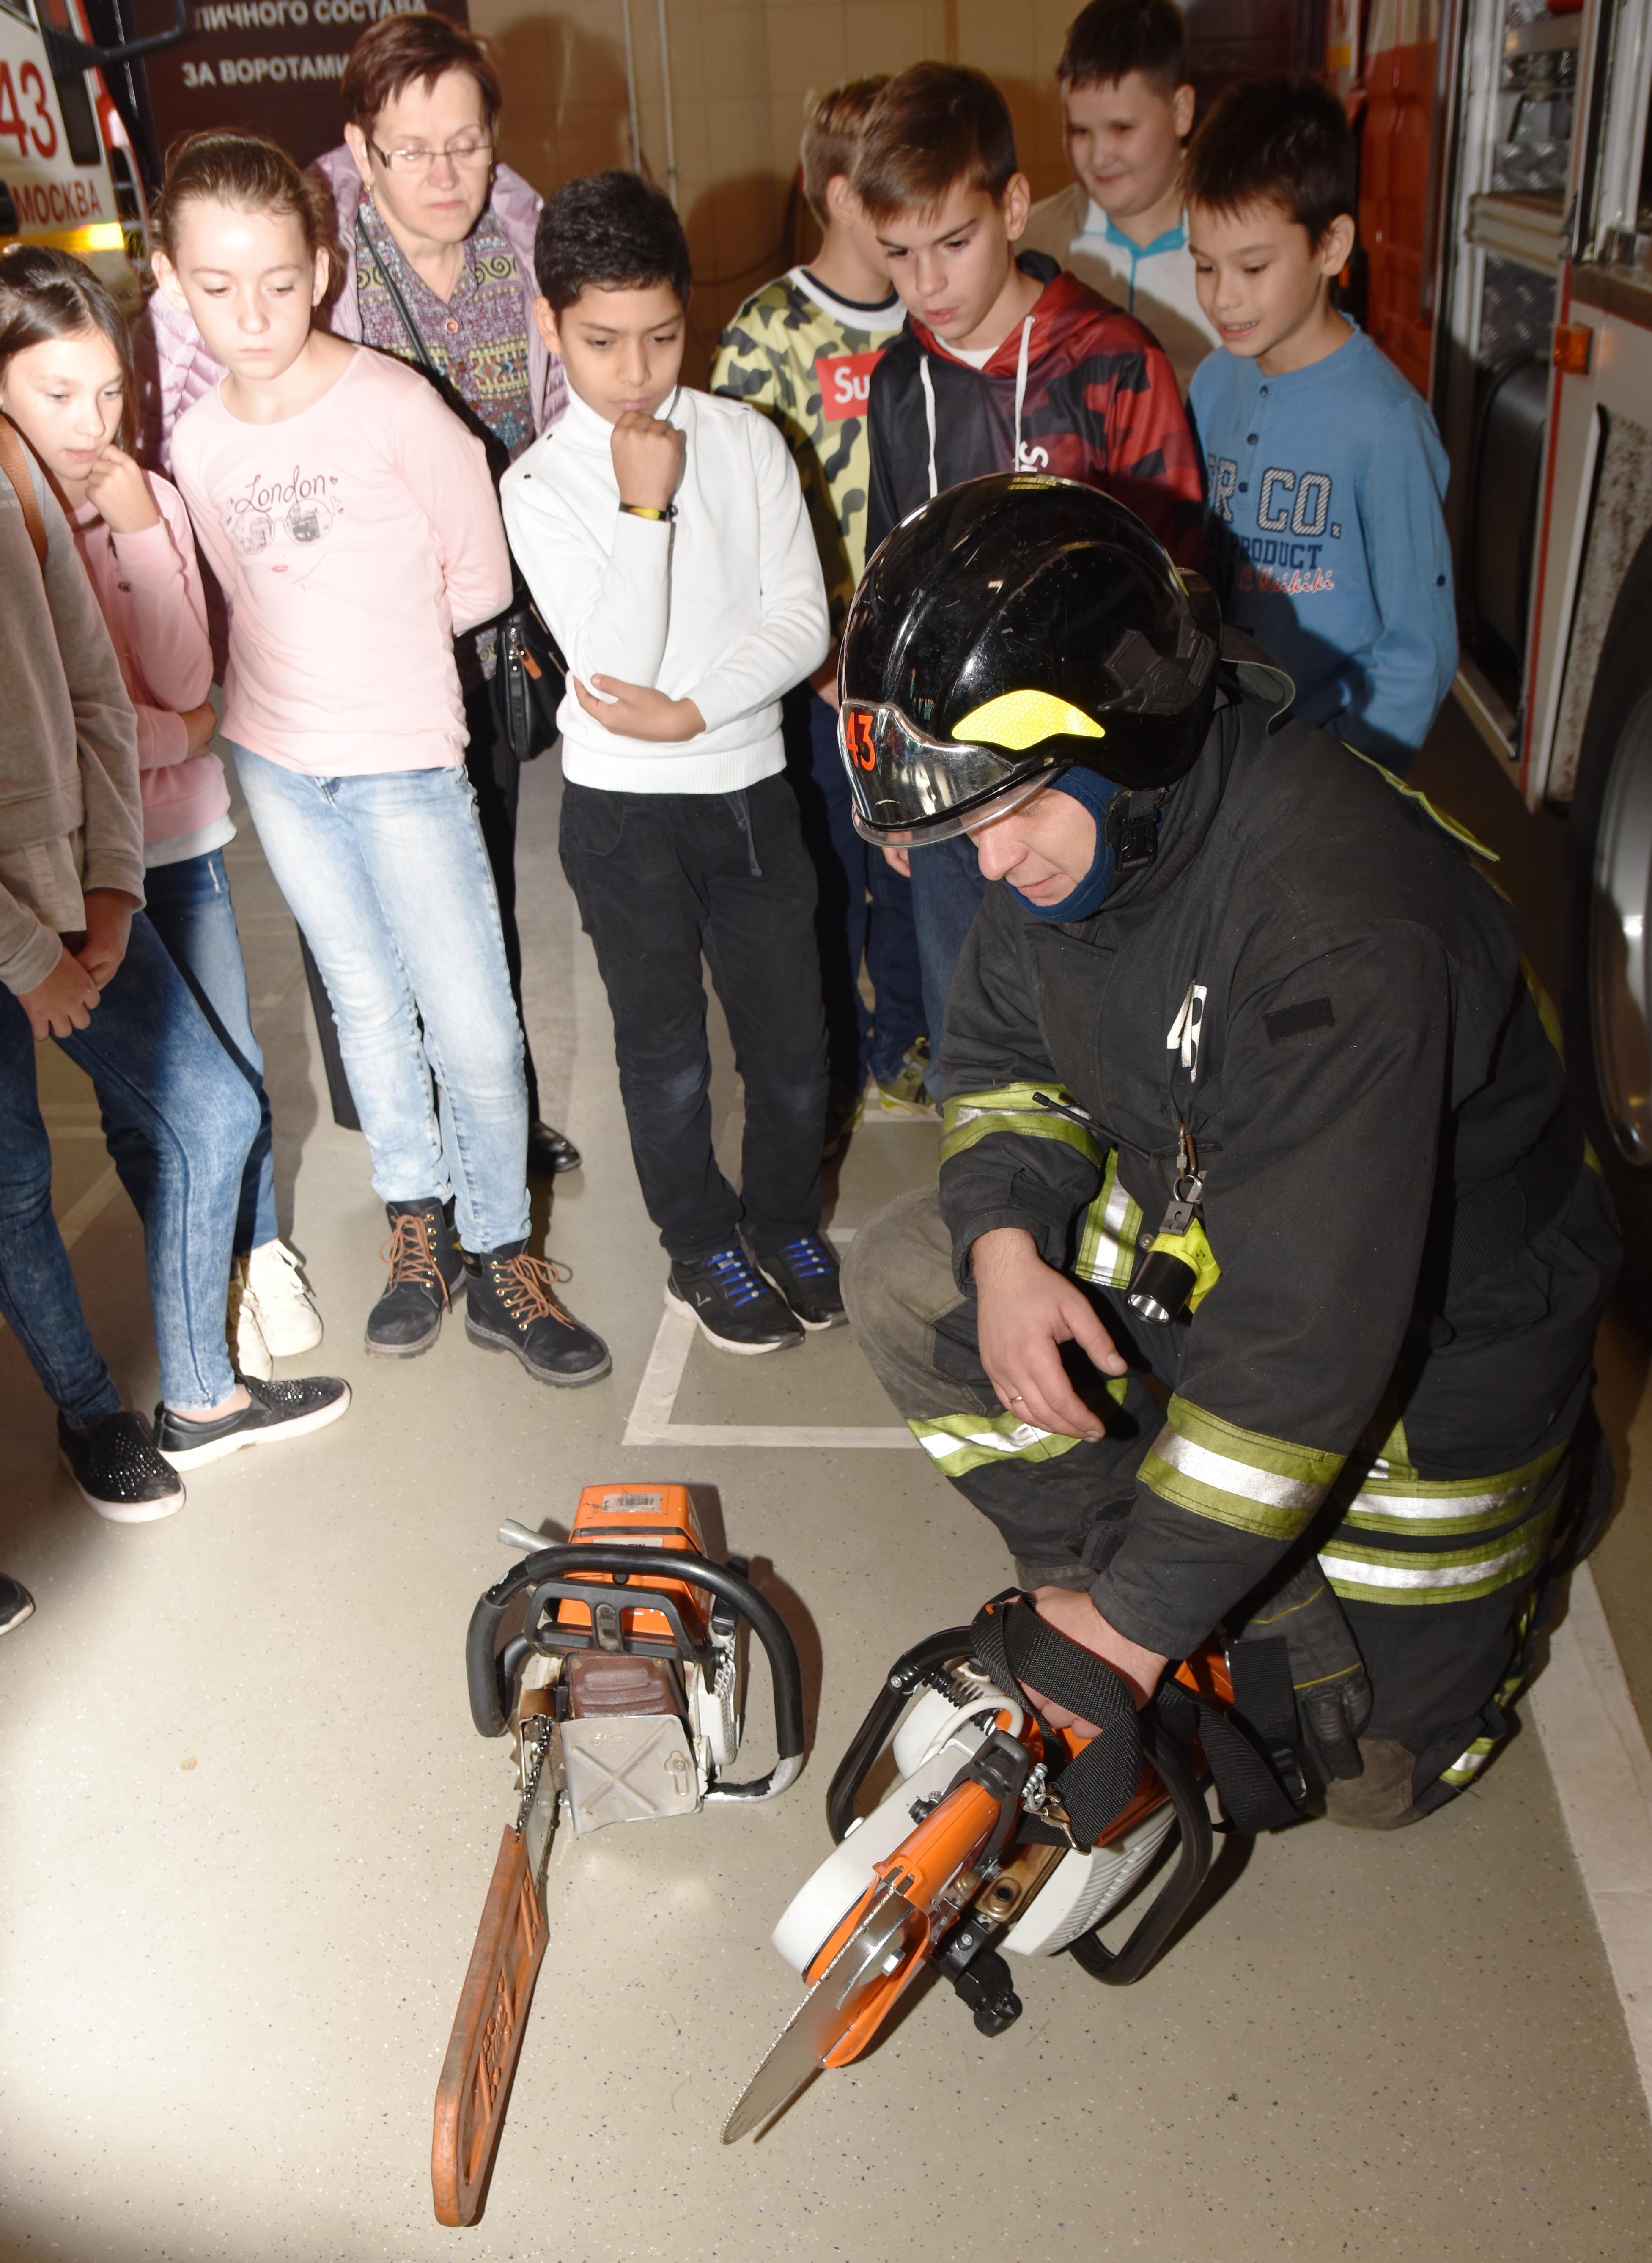 Этими инструментами пожарные, если в этом будет необходимость, могут проникнуть на любой объект возгорания